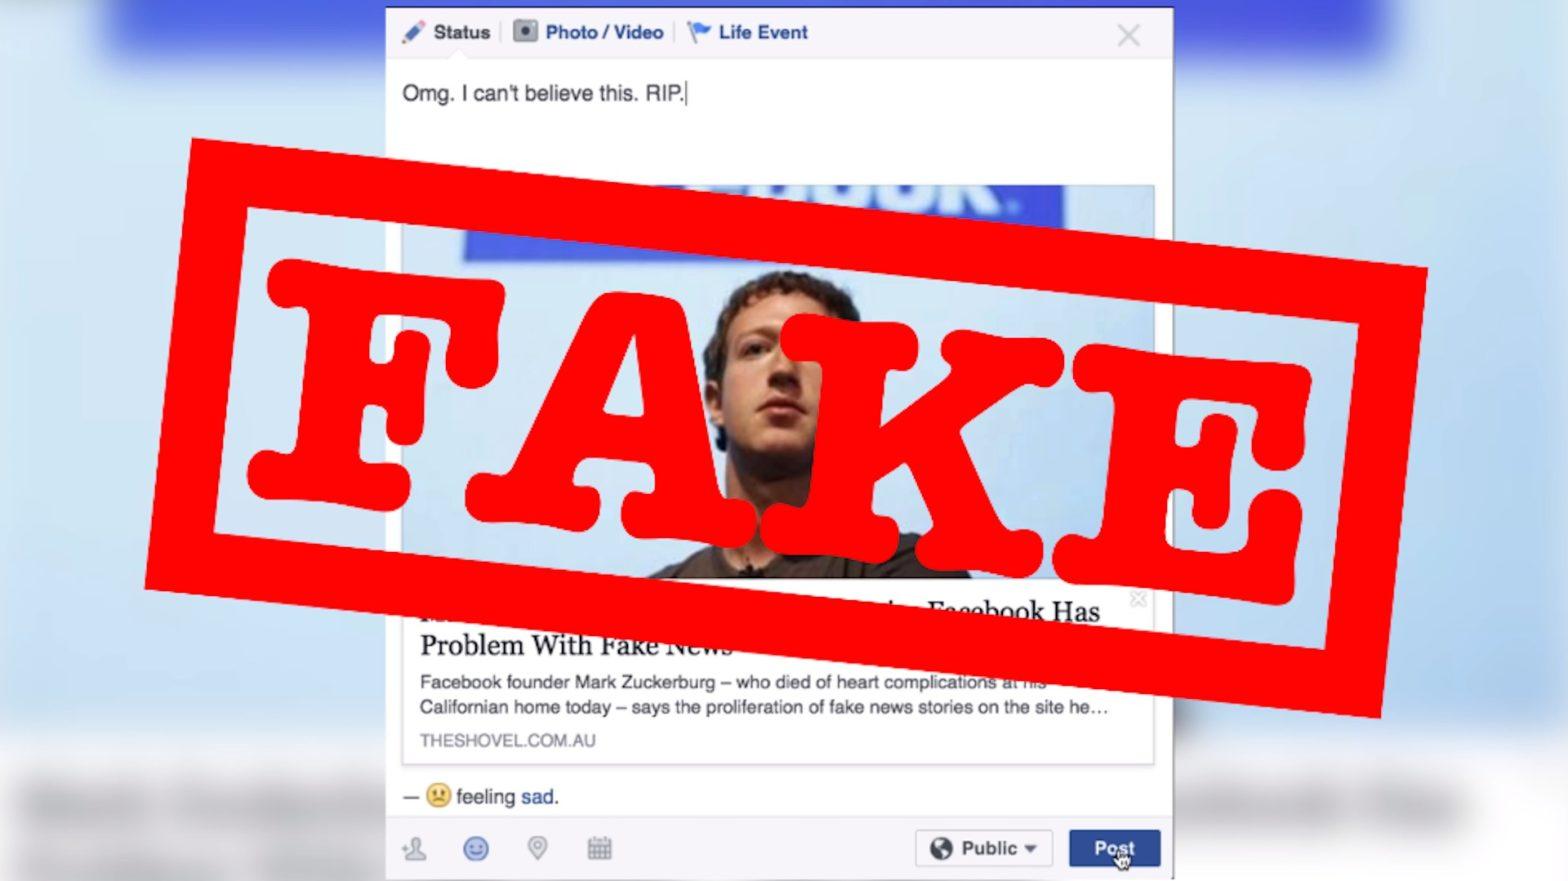 Facebook, se il consenso politico è manipolatosupera la linea fra democrazia e demagogia